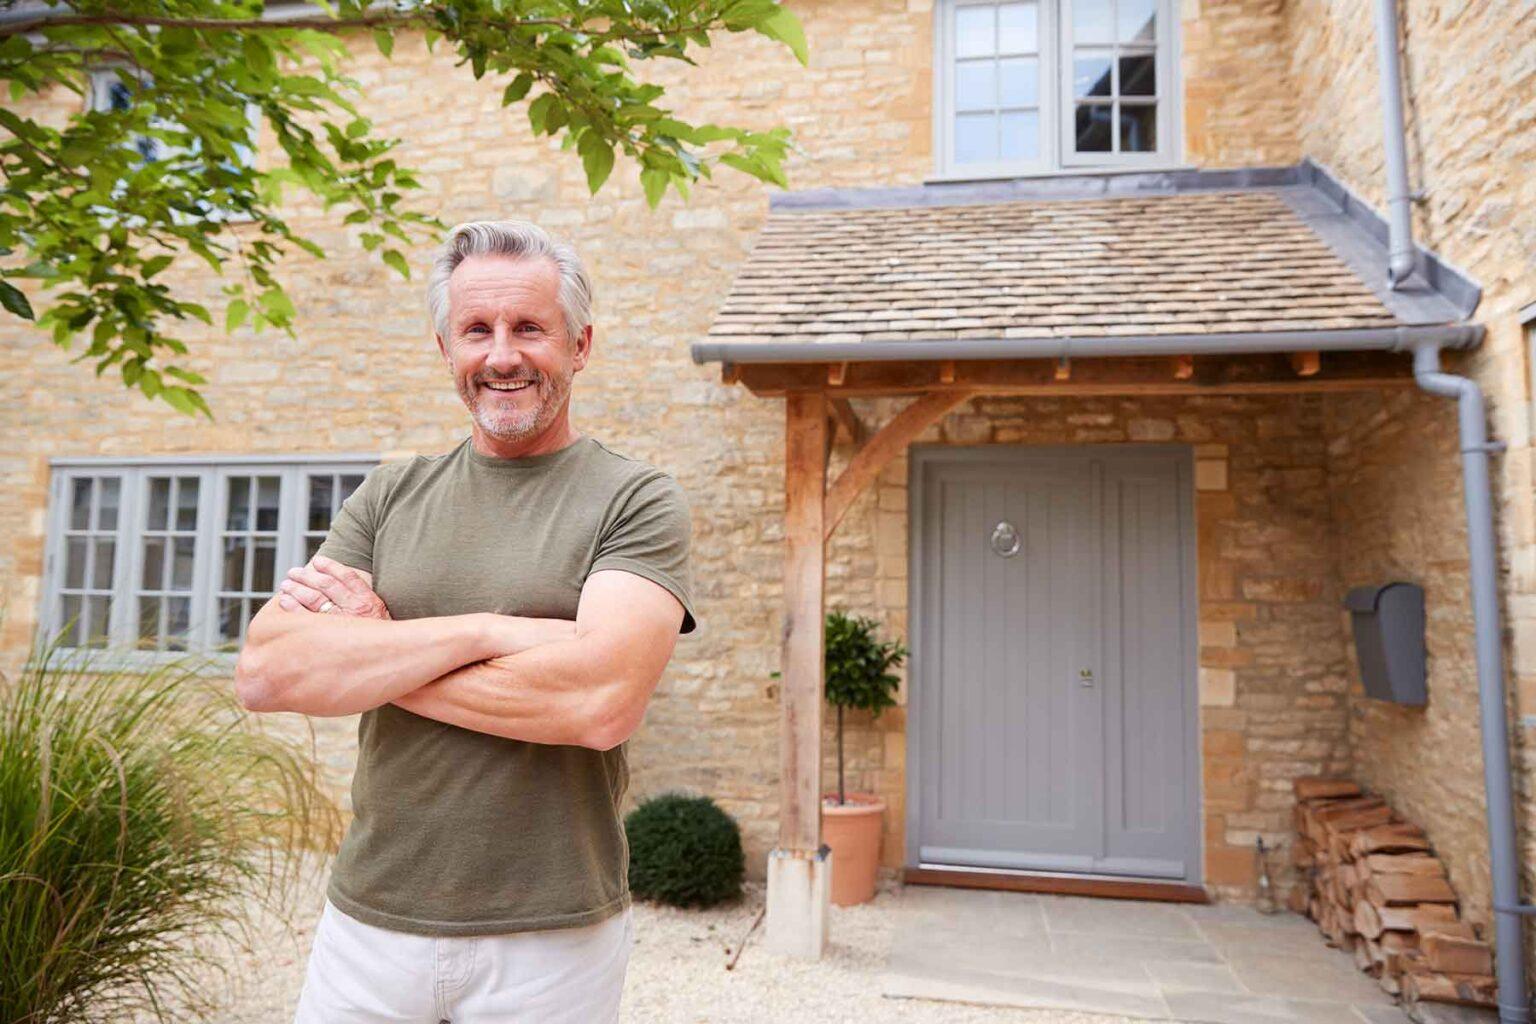 portrait-of-senior-man-standing-outside-front-door-TGQK9MH.jpg